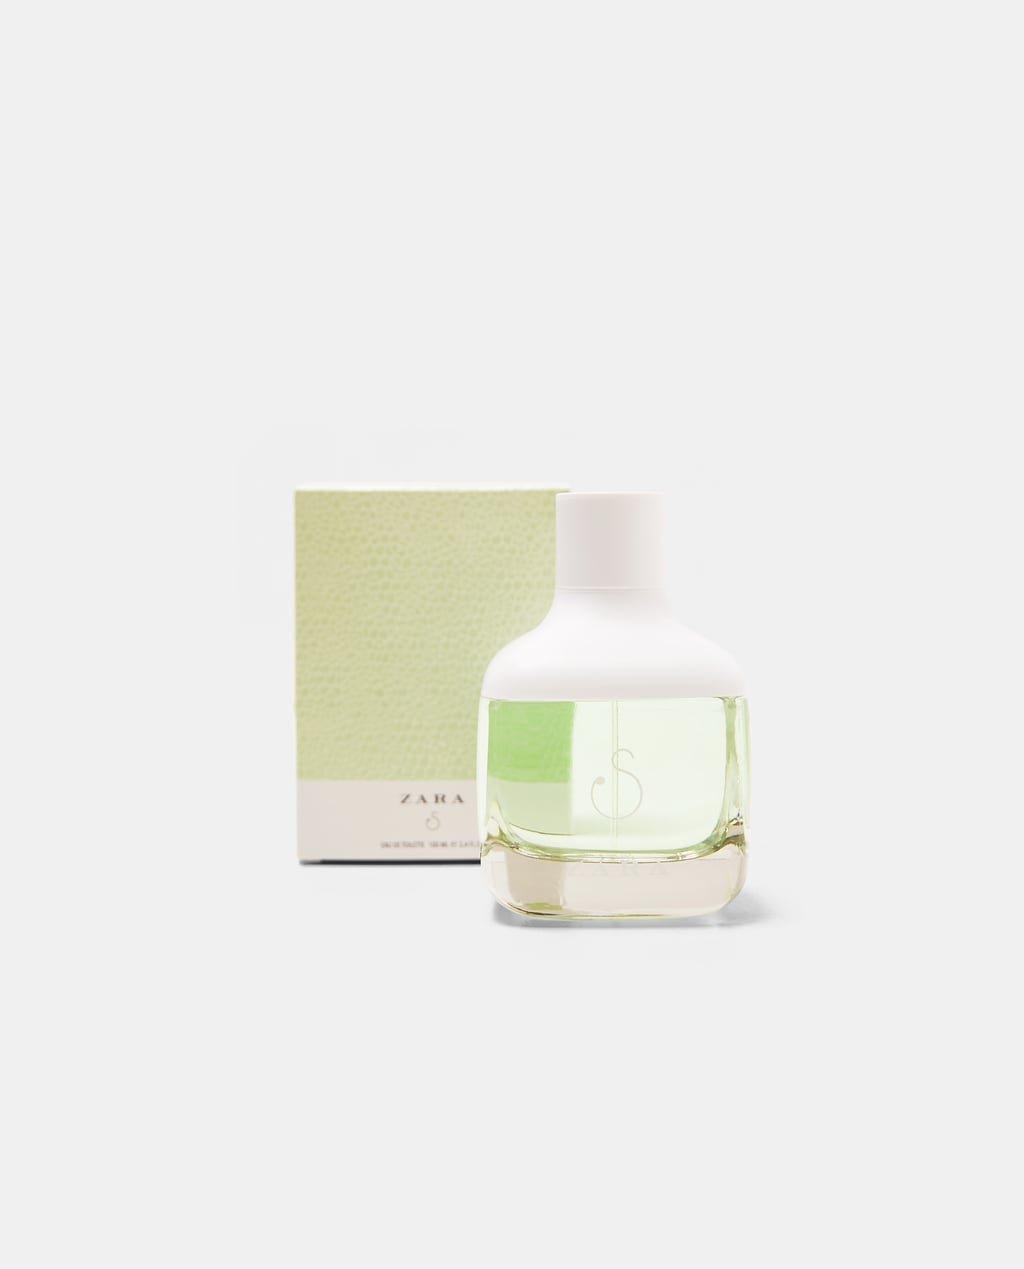 Zara S Solar Collection Eau De Toilette 3.4 Fl. Oz.